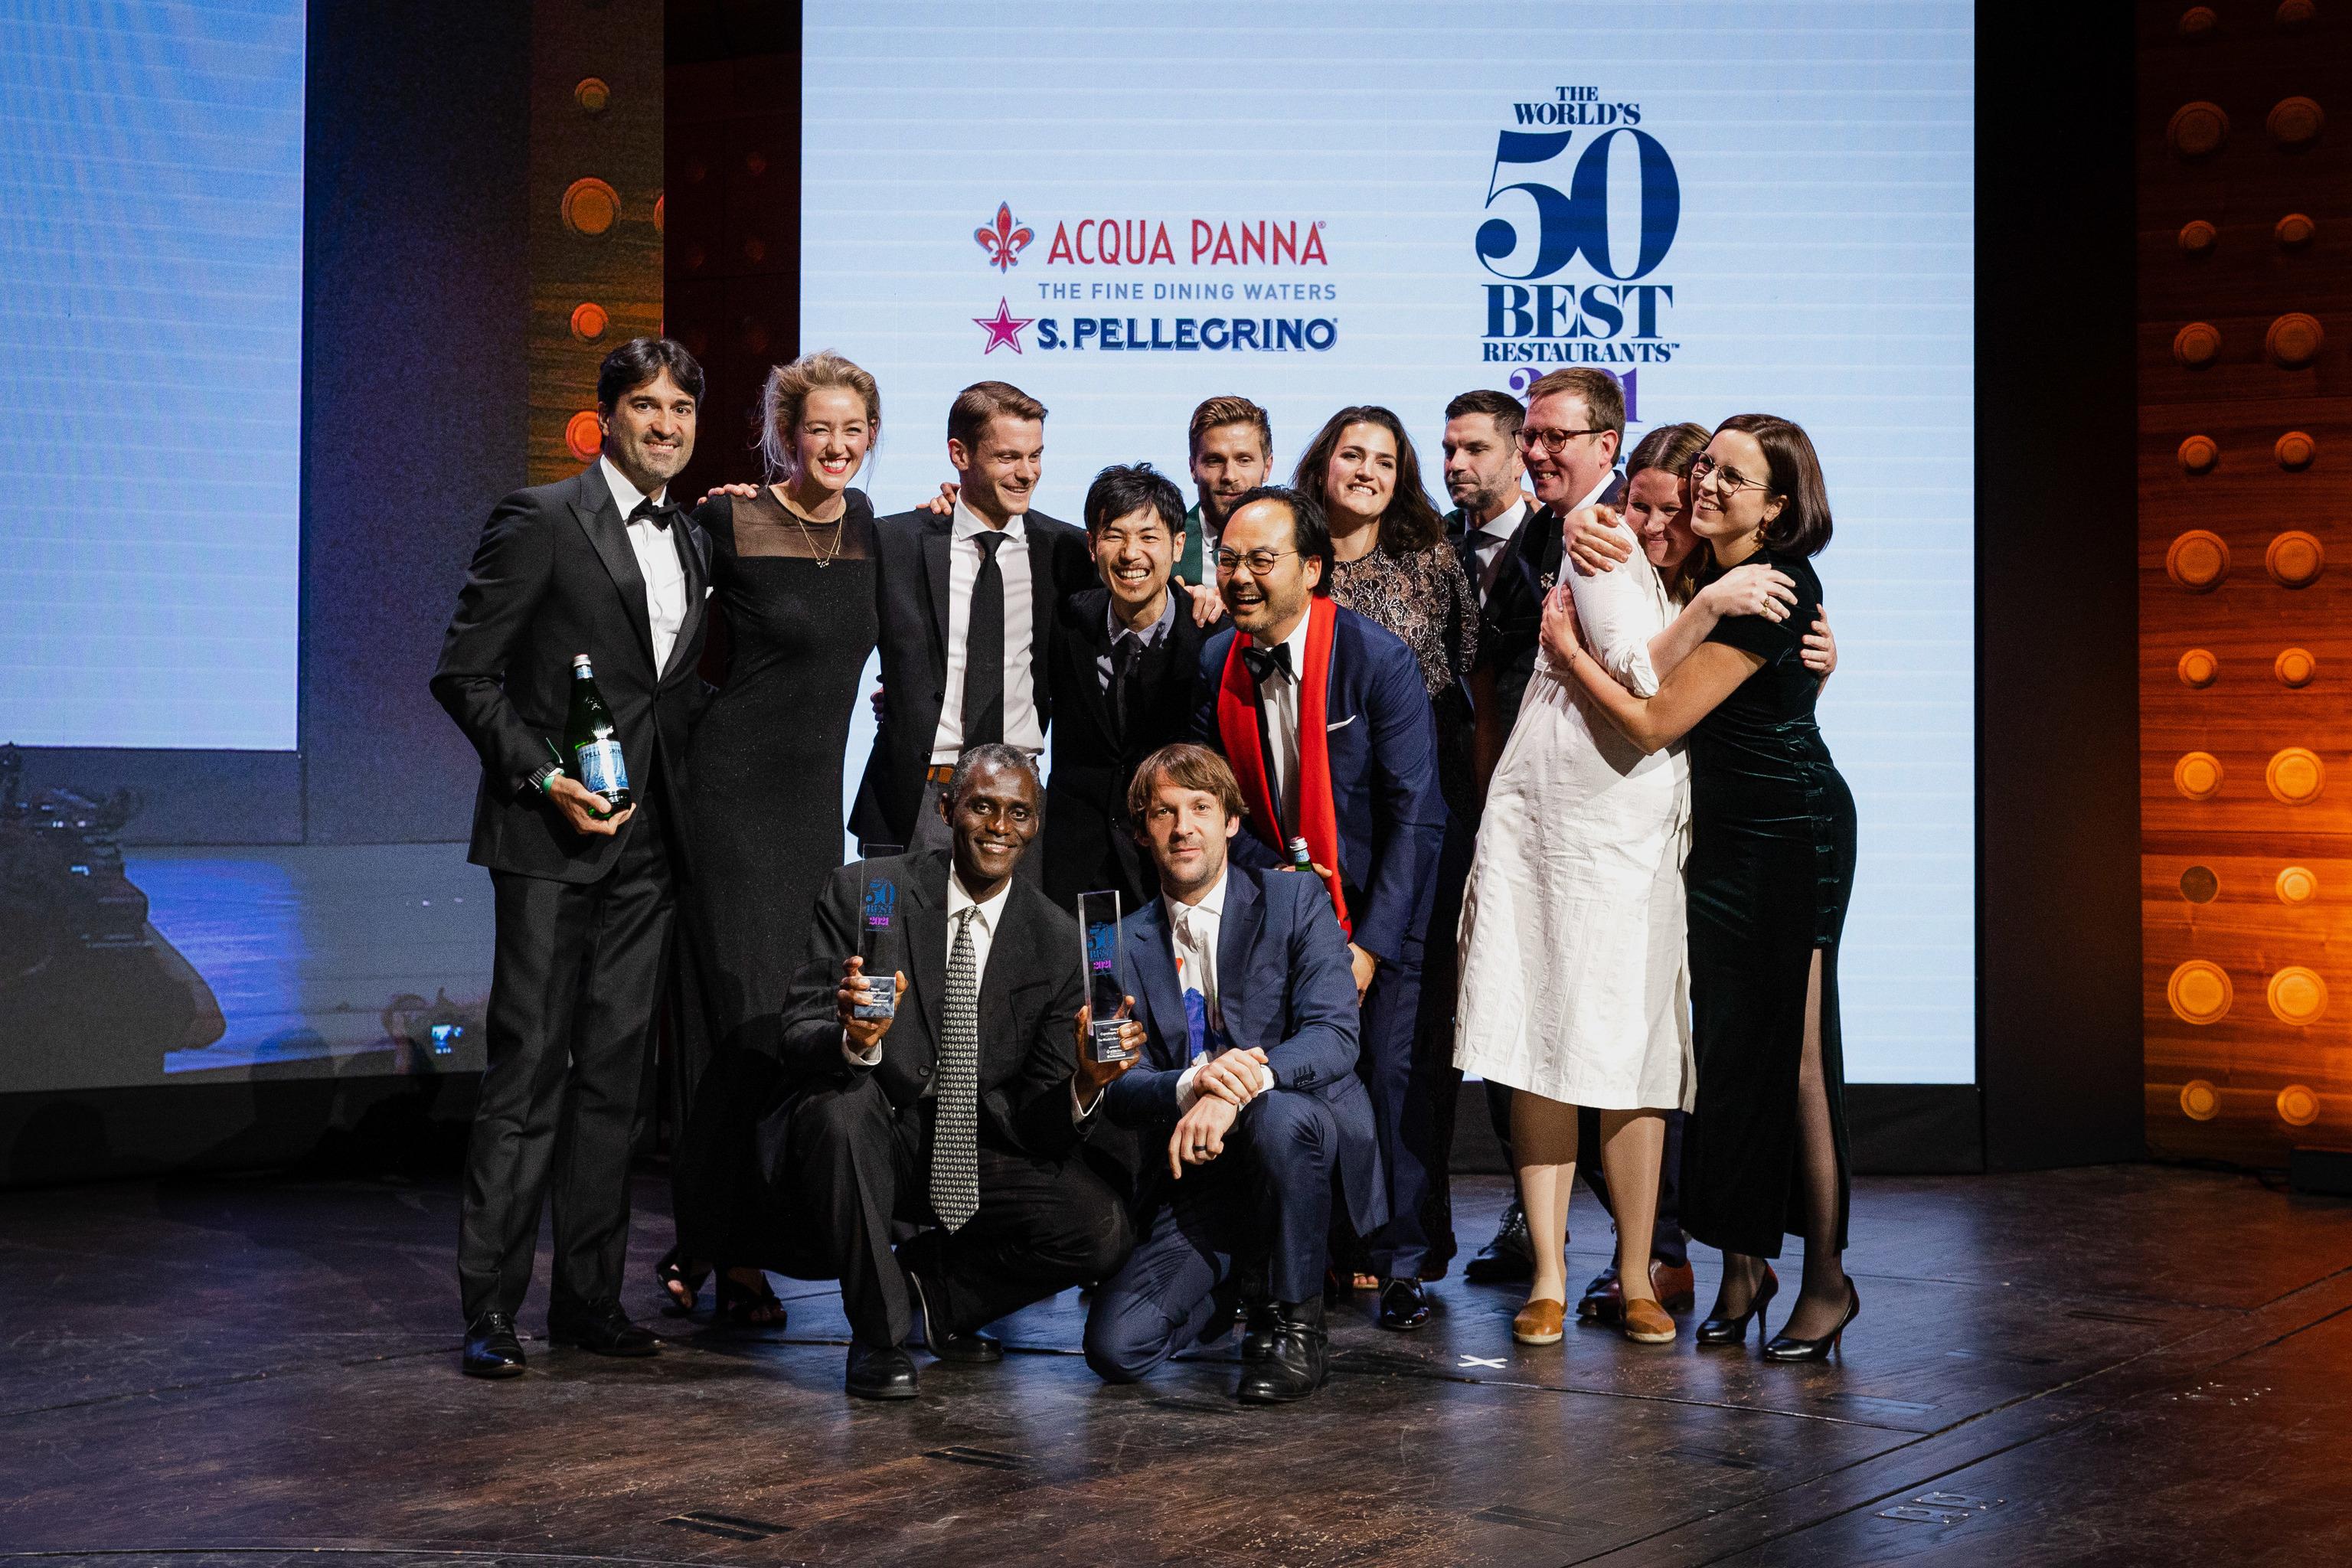 El equipo del restaurante Noma, Copenhague, Dinamarca, en la gala de 50 Best, recogiendo el galardón al mejor restaurante del mundo.